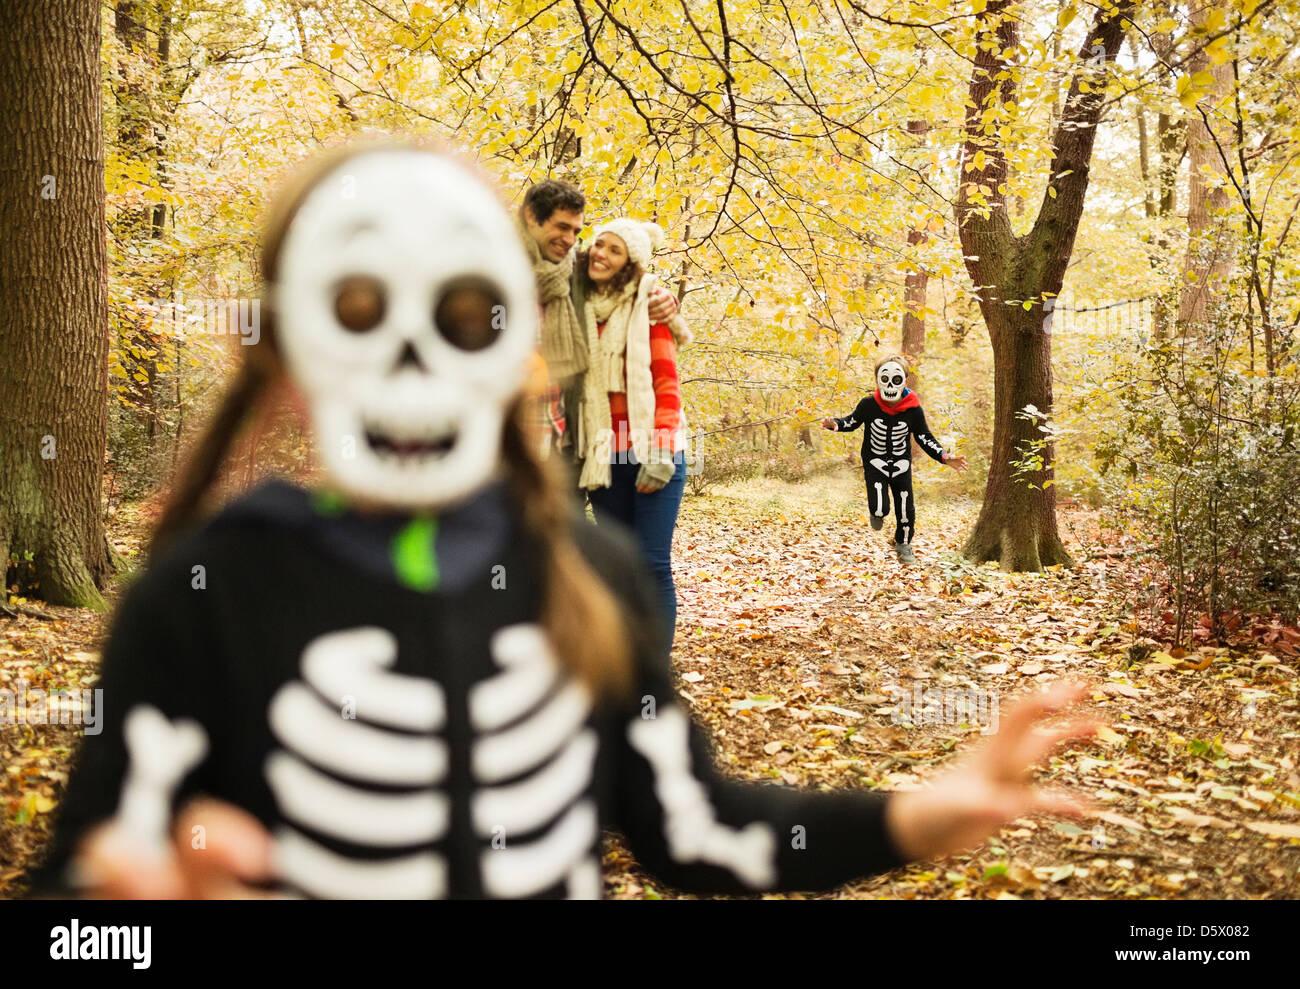 Los niños en trajes de esqueleto jugando en el parque Foto de stock